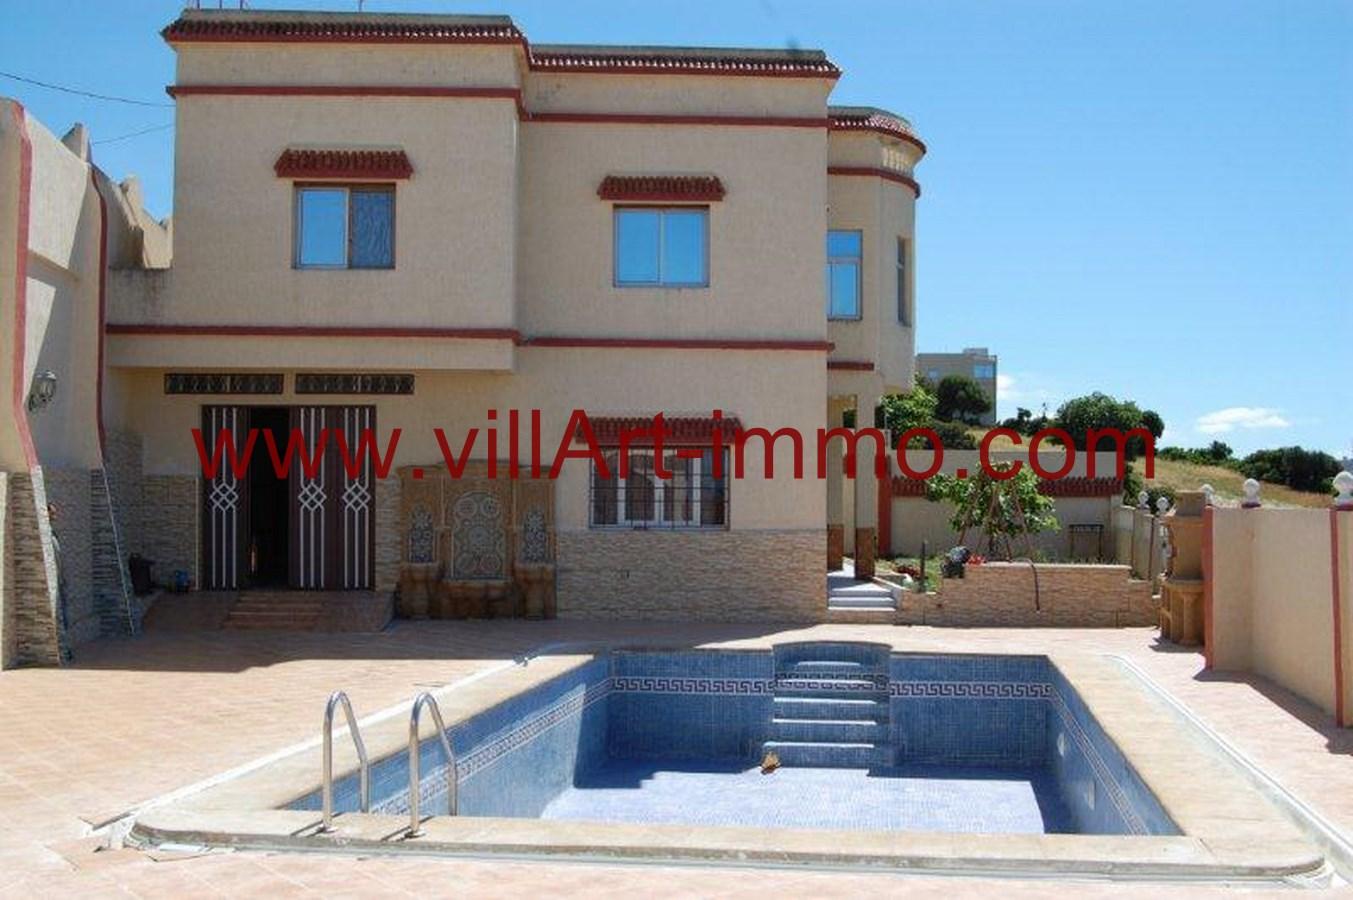 location maison avec piscine parfaite pour les vacances villart. Black Bedroom Furniture Sets. Home Design Ideas